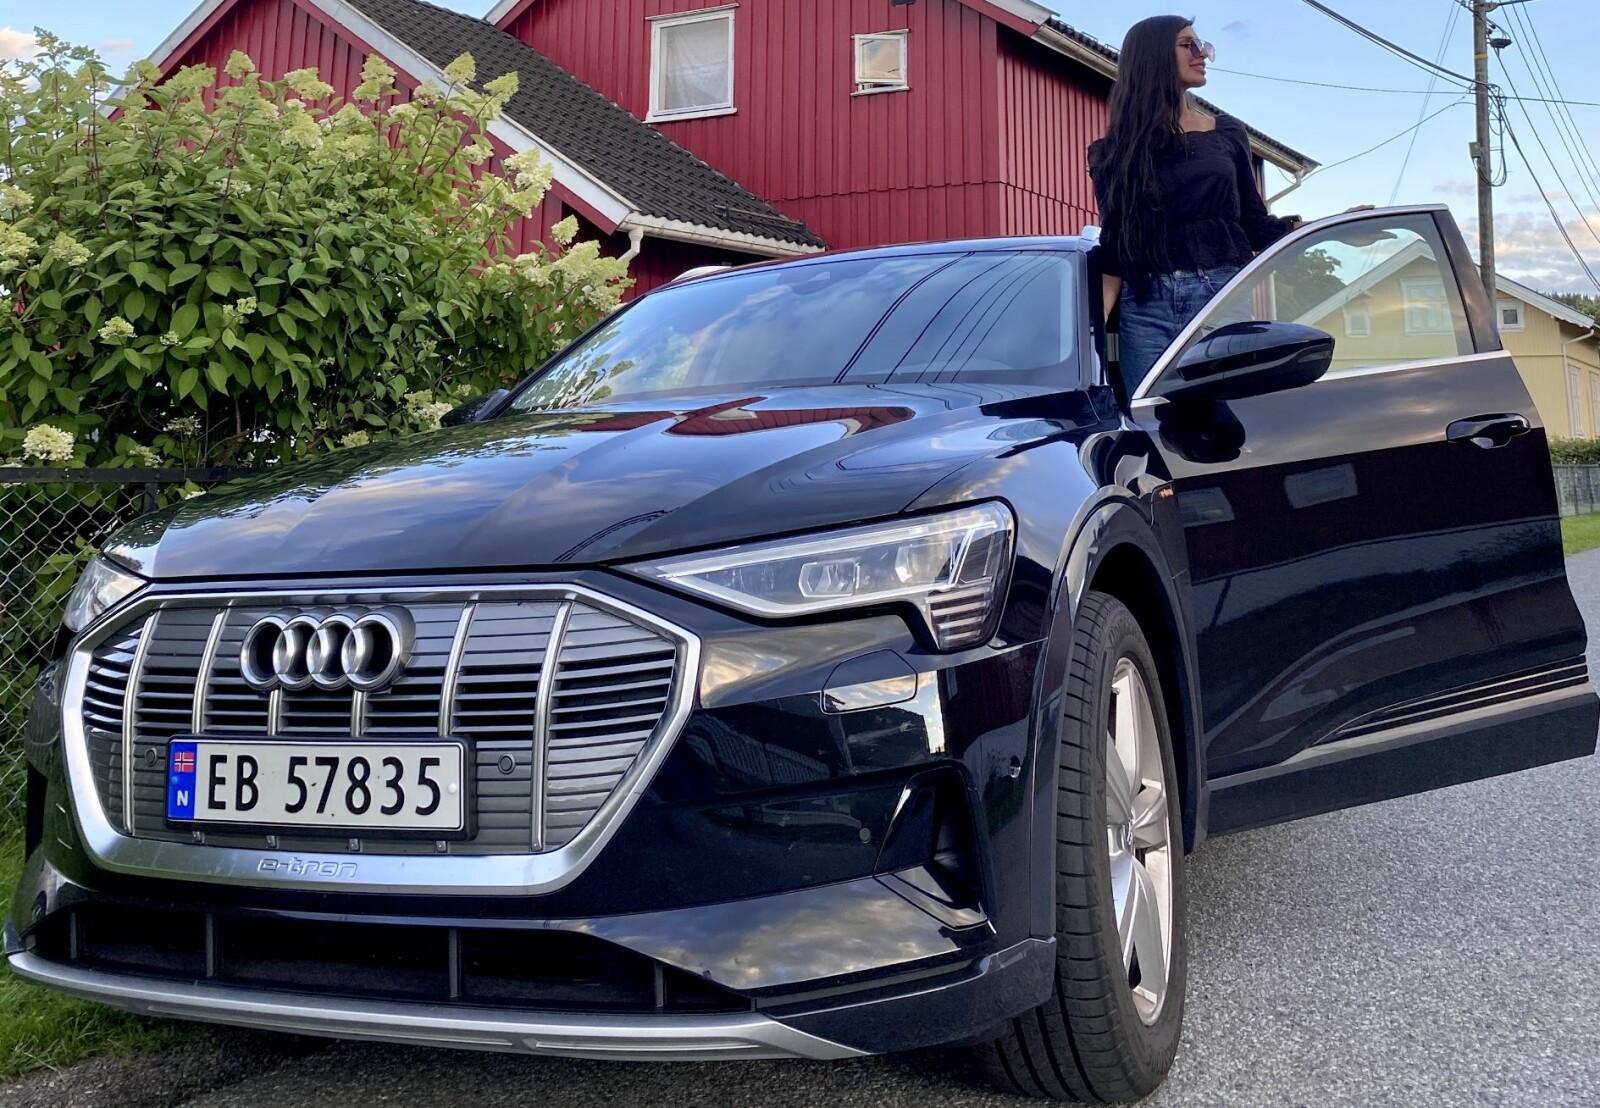 <b>NETTVENN:</b> Sundas Khan fra Bjørndal i Oslo googlet – og falt for Audi.